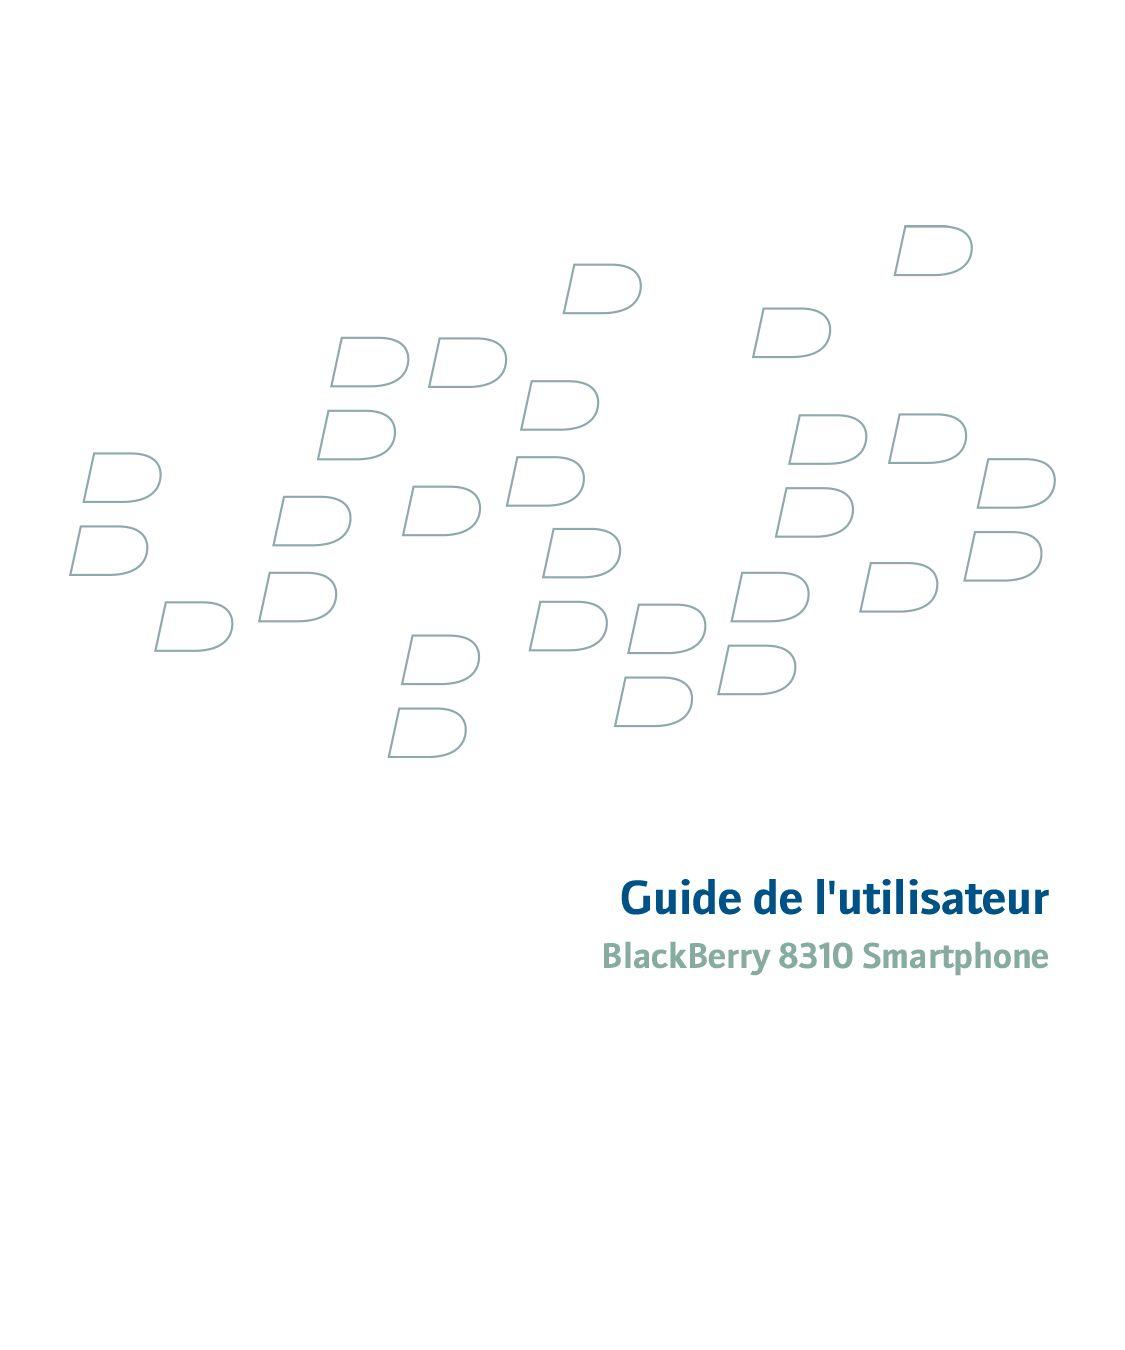 Guide de l'utilisateur Blackberry 8310 by Mattieu Guionnet